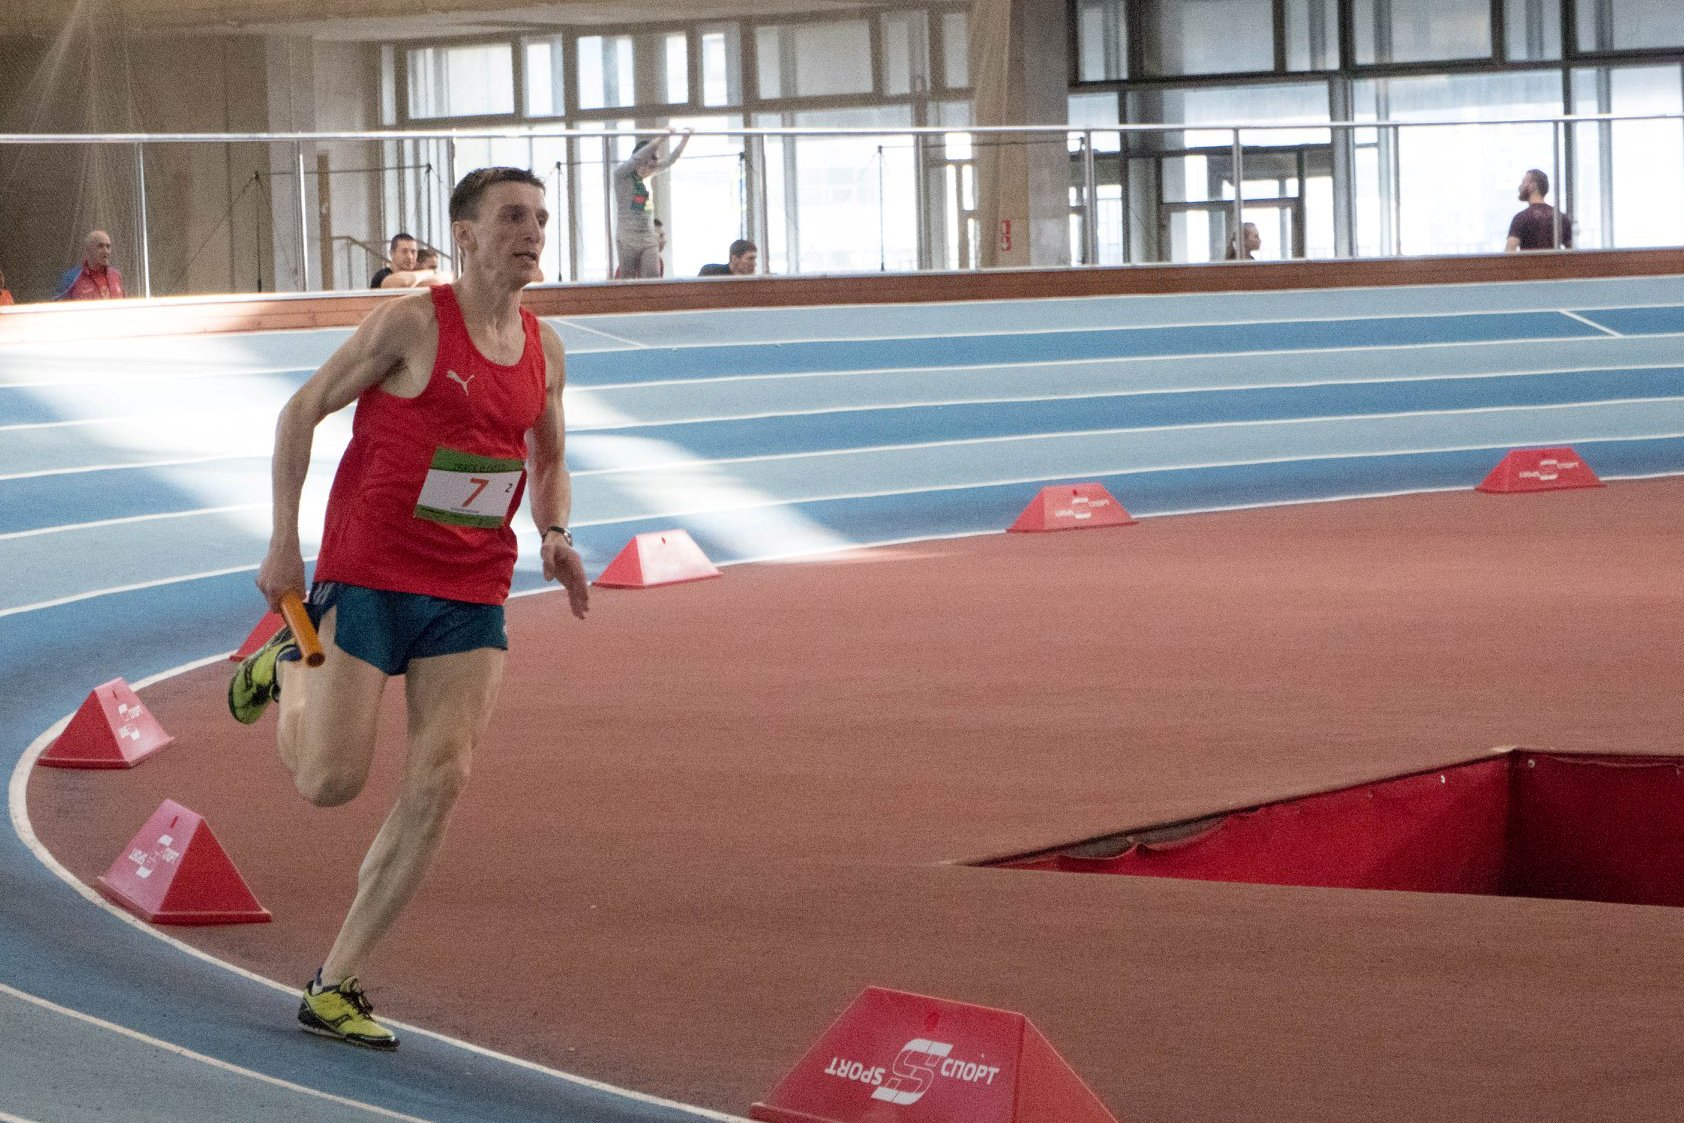 Забег Владимира Метелкина в эстафете 4х200м на соревнованиях по легкой атлетике Track&Field #6